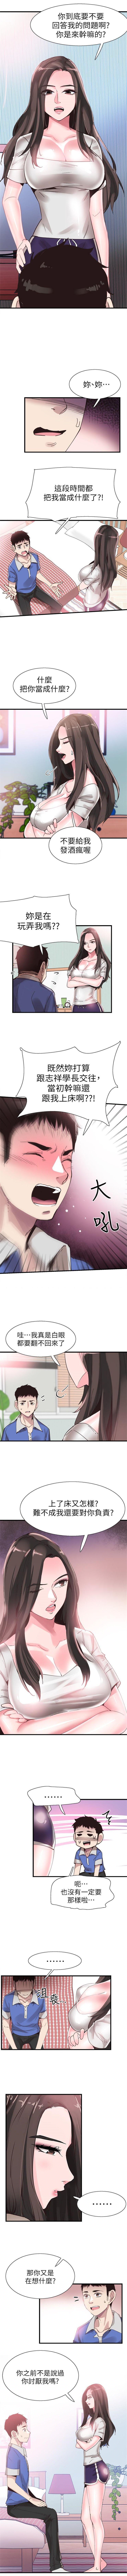 (週7)校園live秀 1-50 中文翻譯(更新中) 232